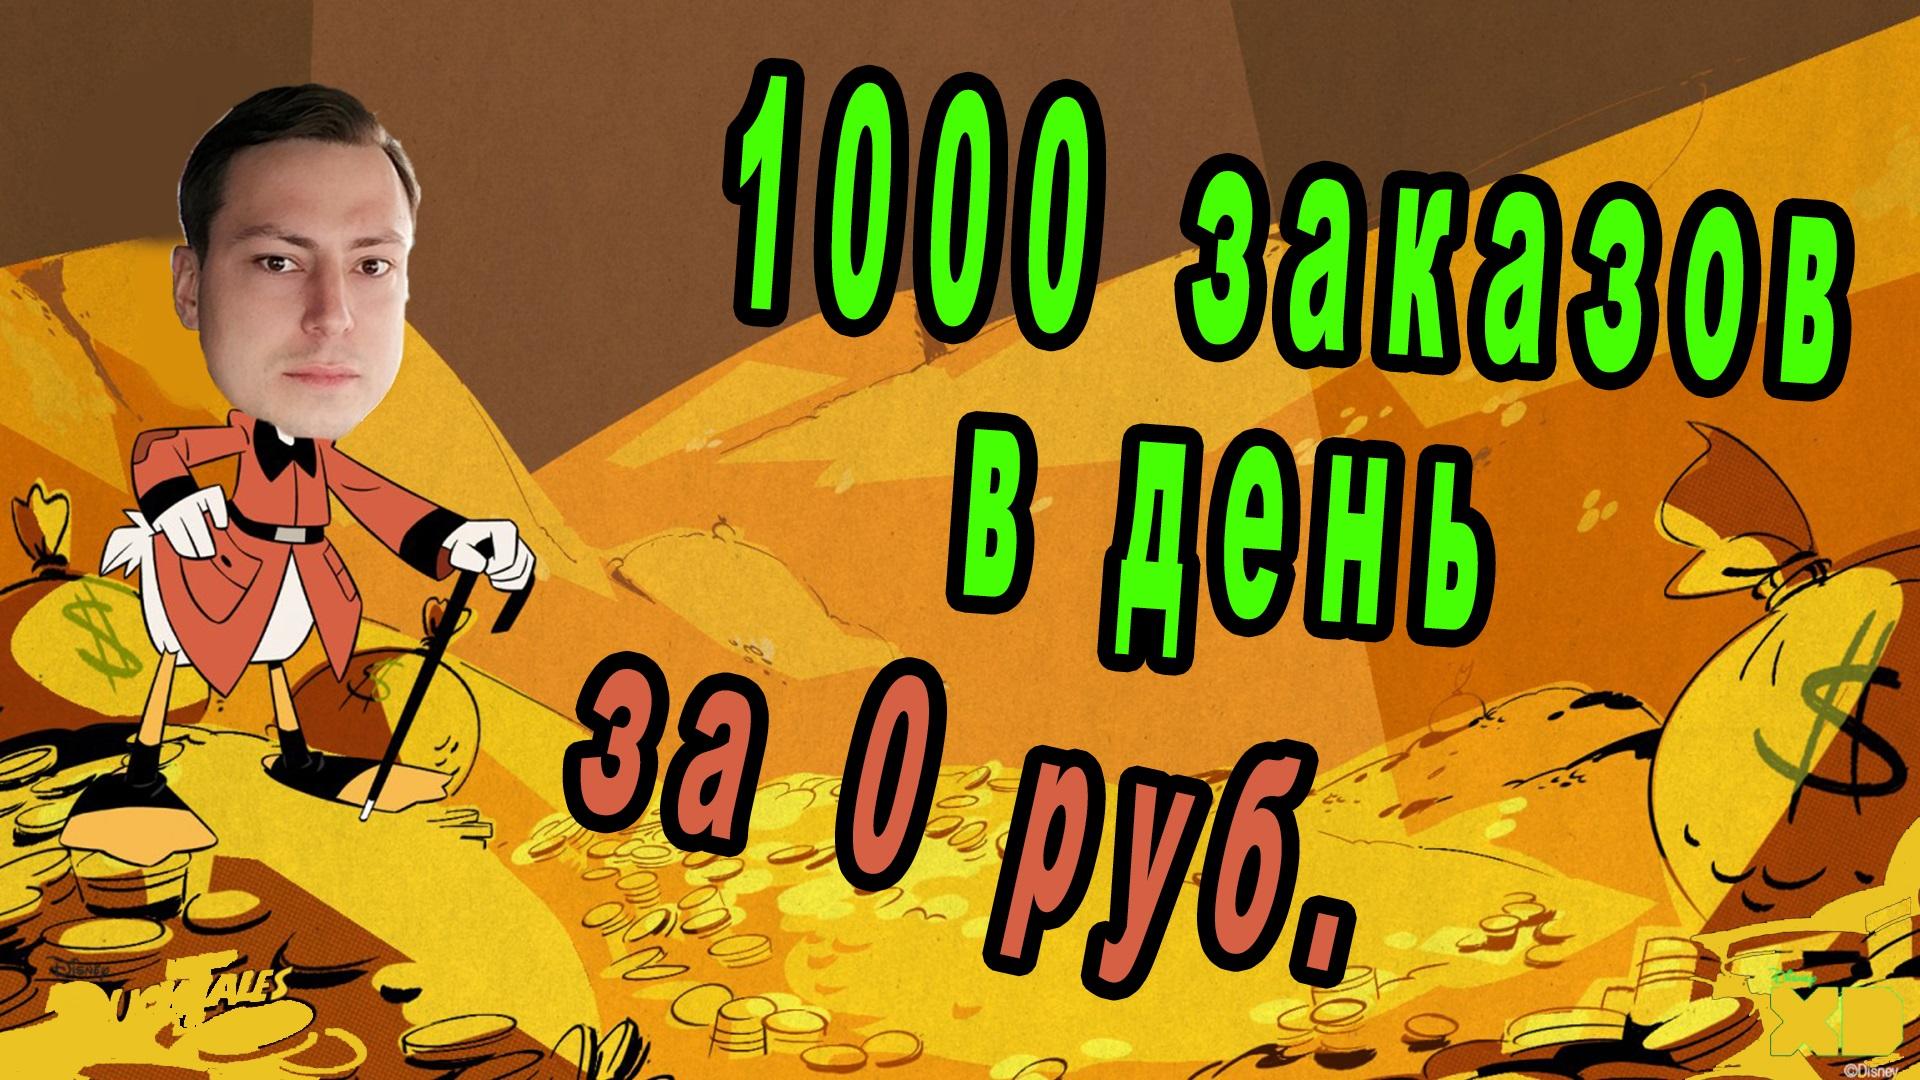 1000 заказов в день за 0 руб! Увеличение объёма роста продаж товаров за счет арбитражного трафика.